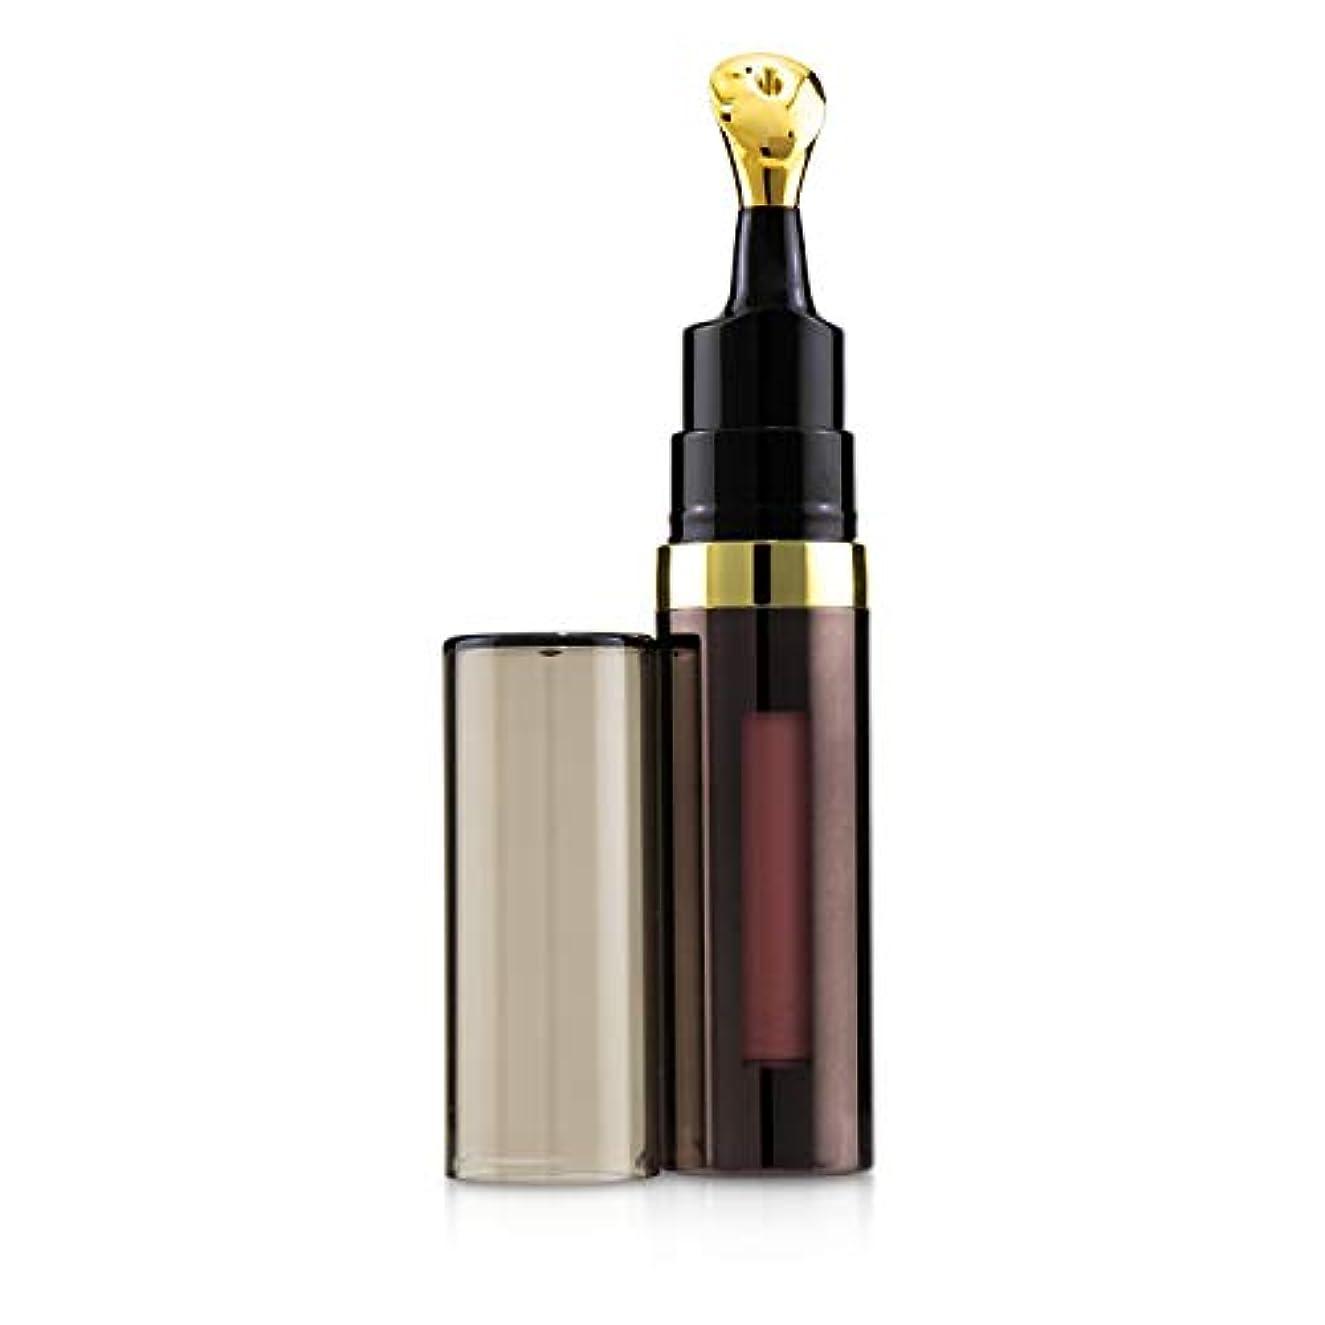 クレア完璧有効なアワーグラス No.28 Lip Treatment Oil - # Bare (Peachy Pink) 7.5ml/0.25oz並行輸入品